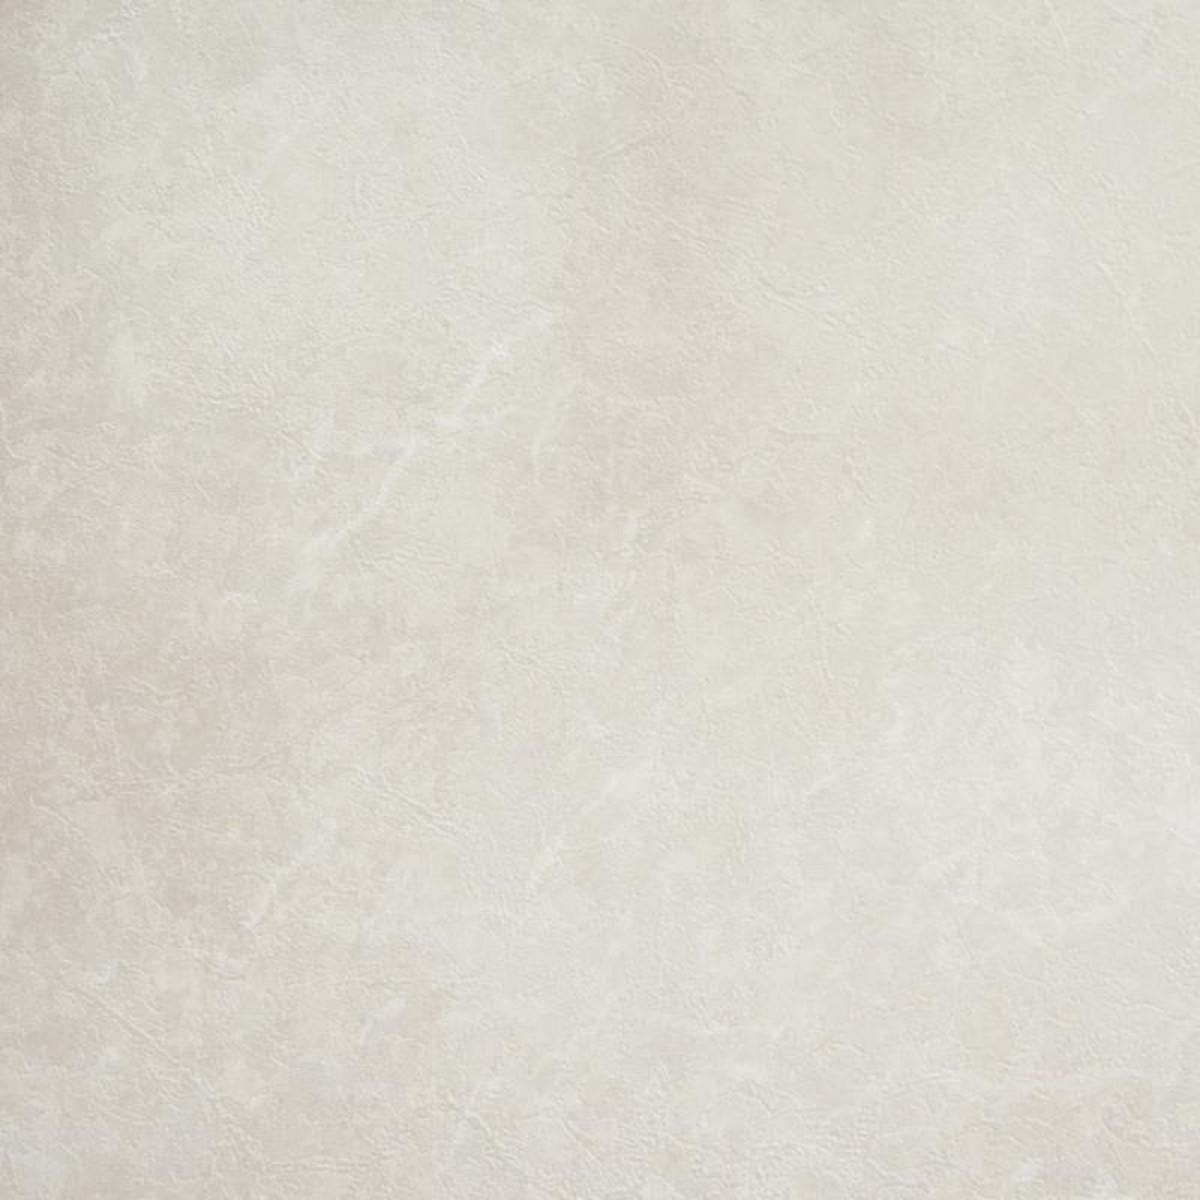 Обои виниловые Elysium Фиалки бежевые 0.53 м 56501